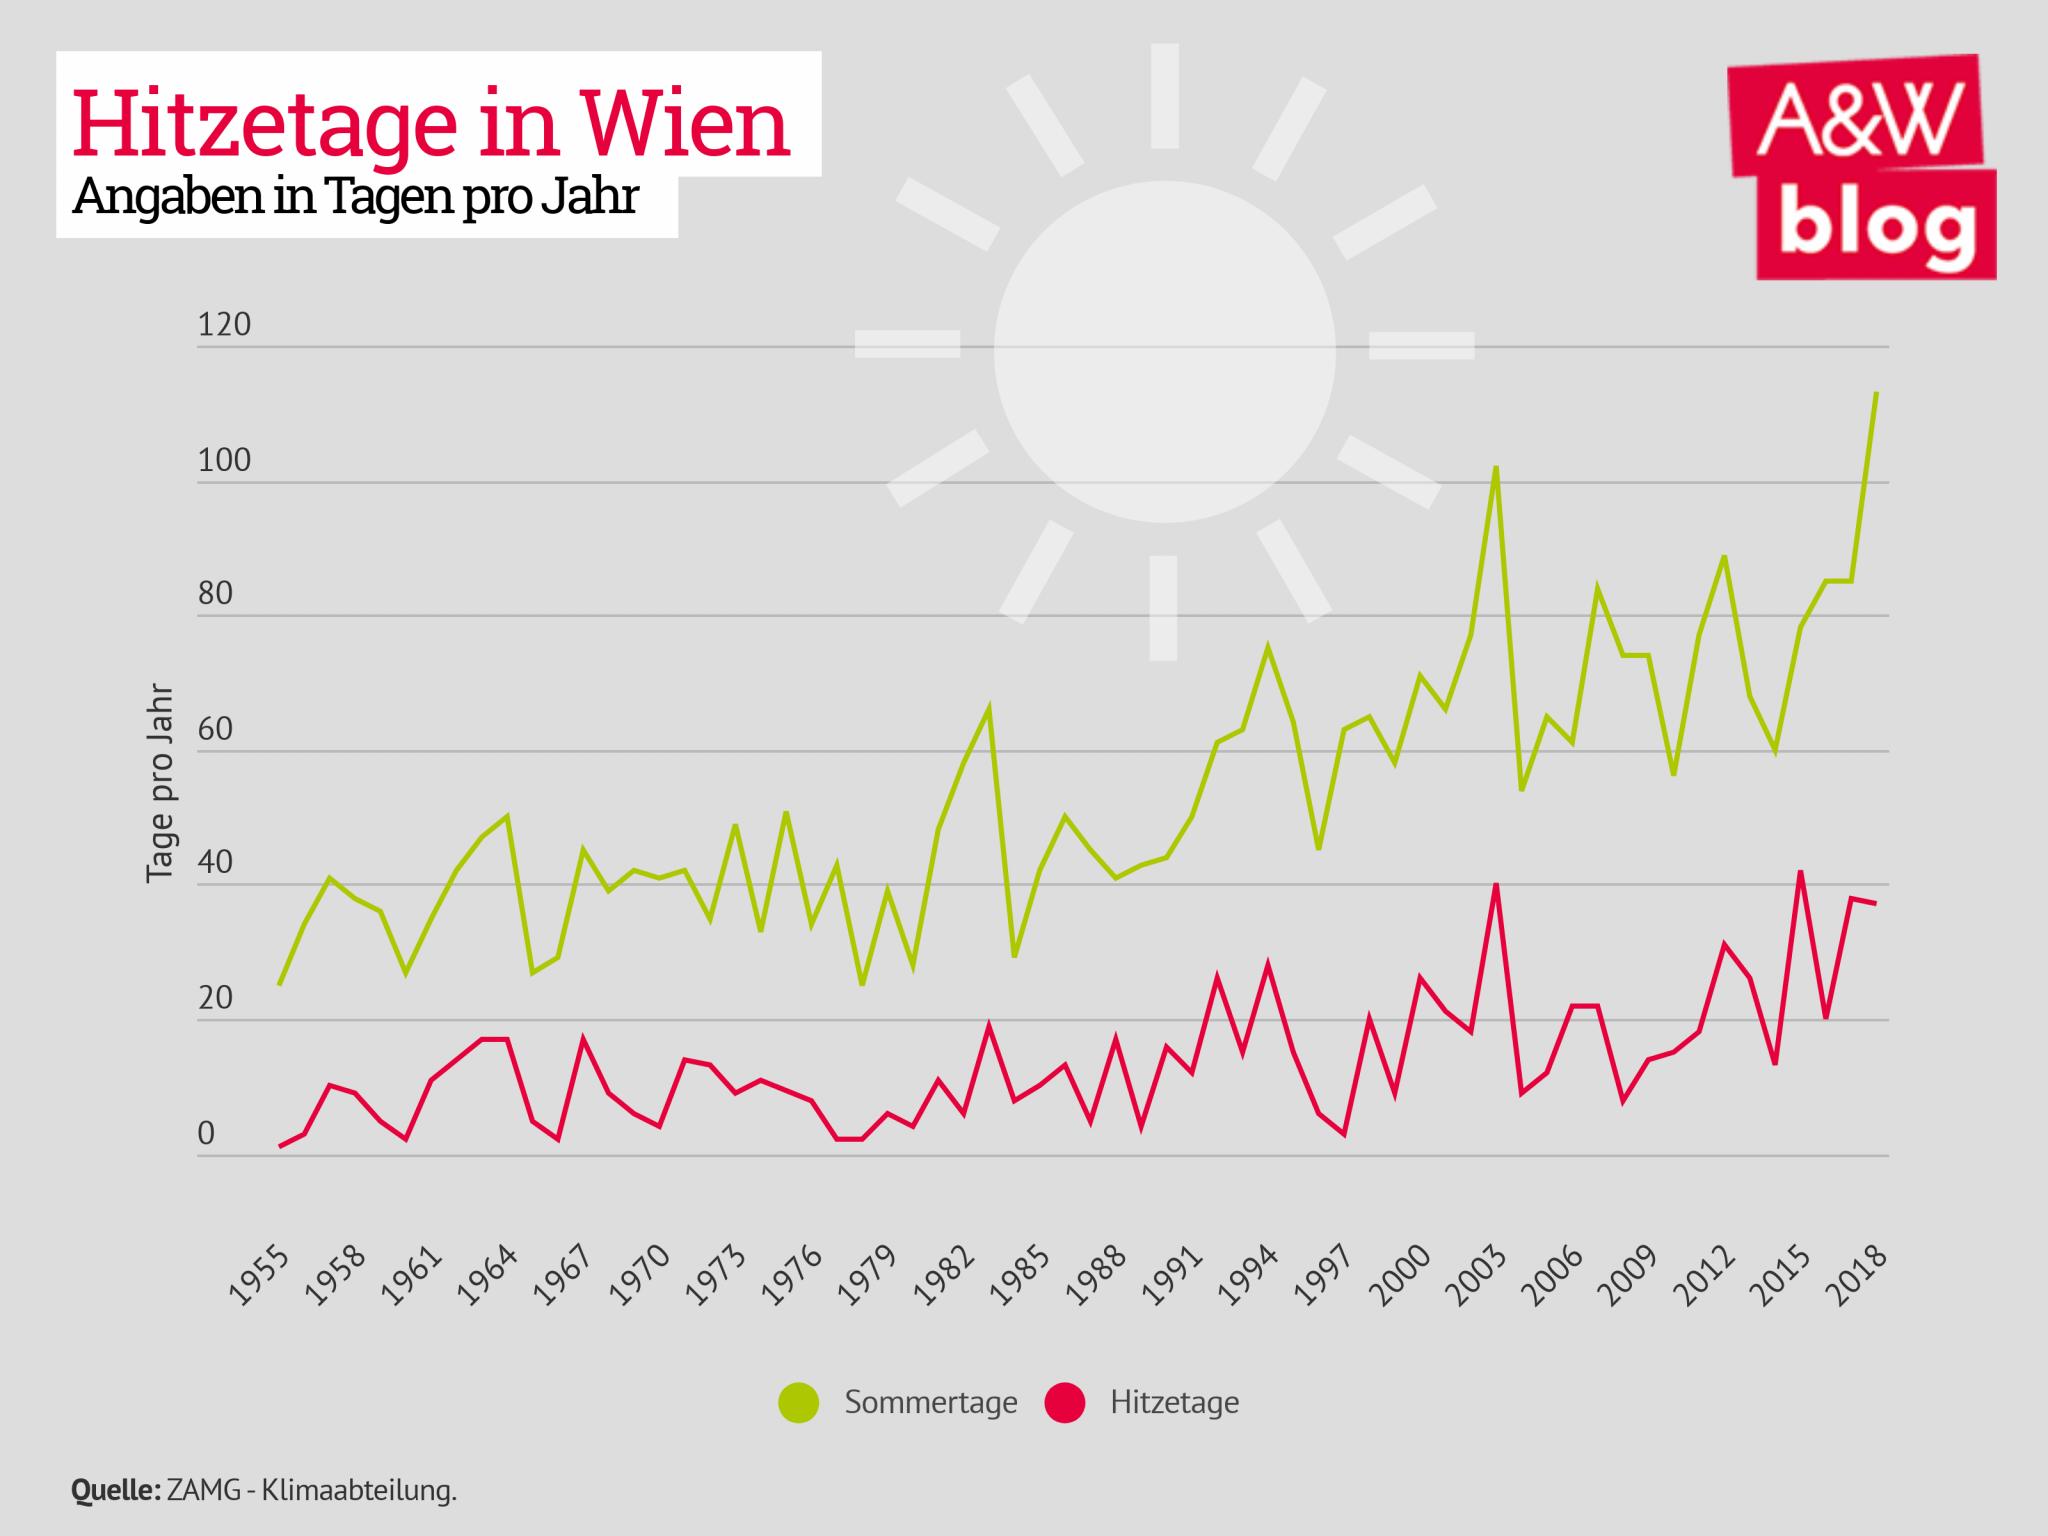 Hitzetage in Wien